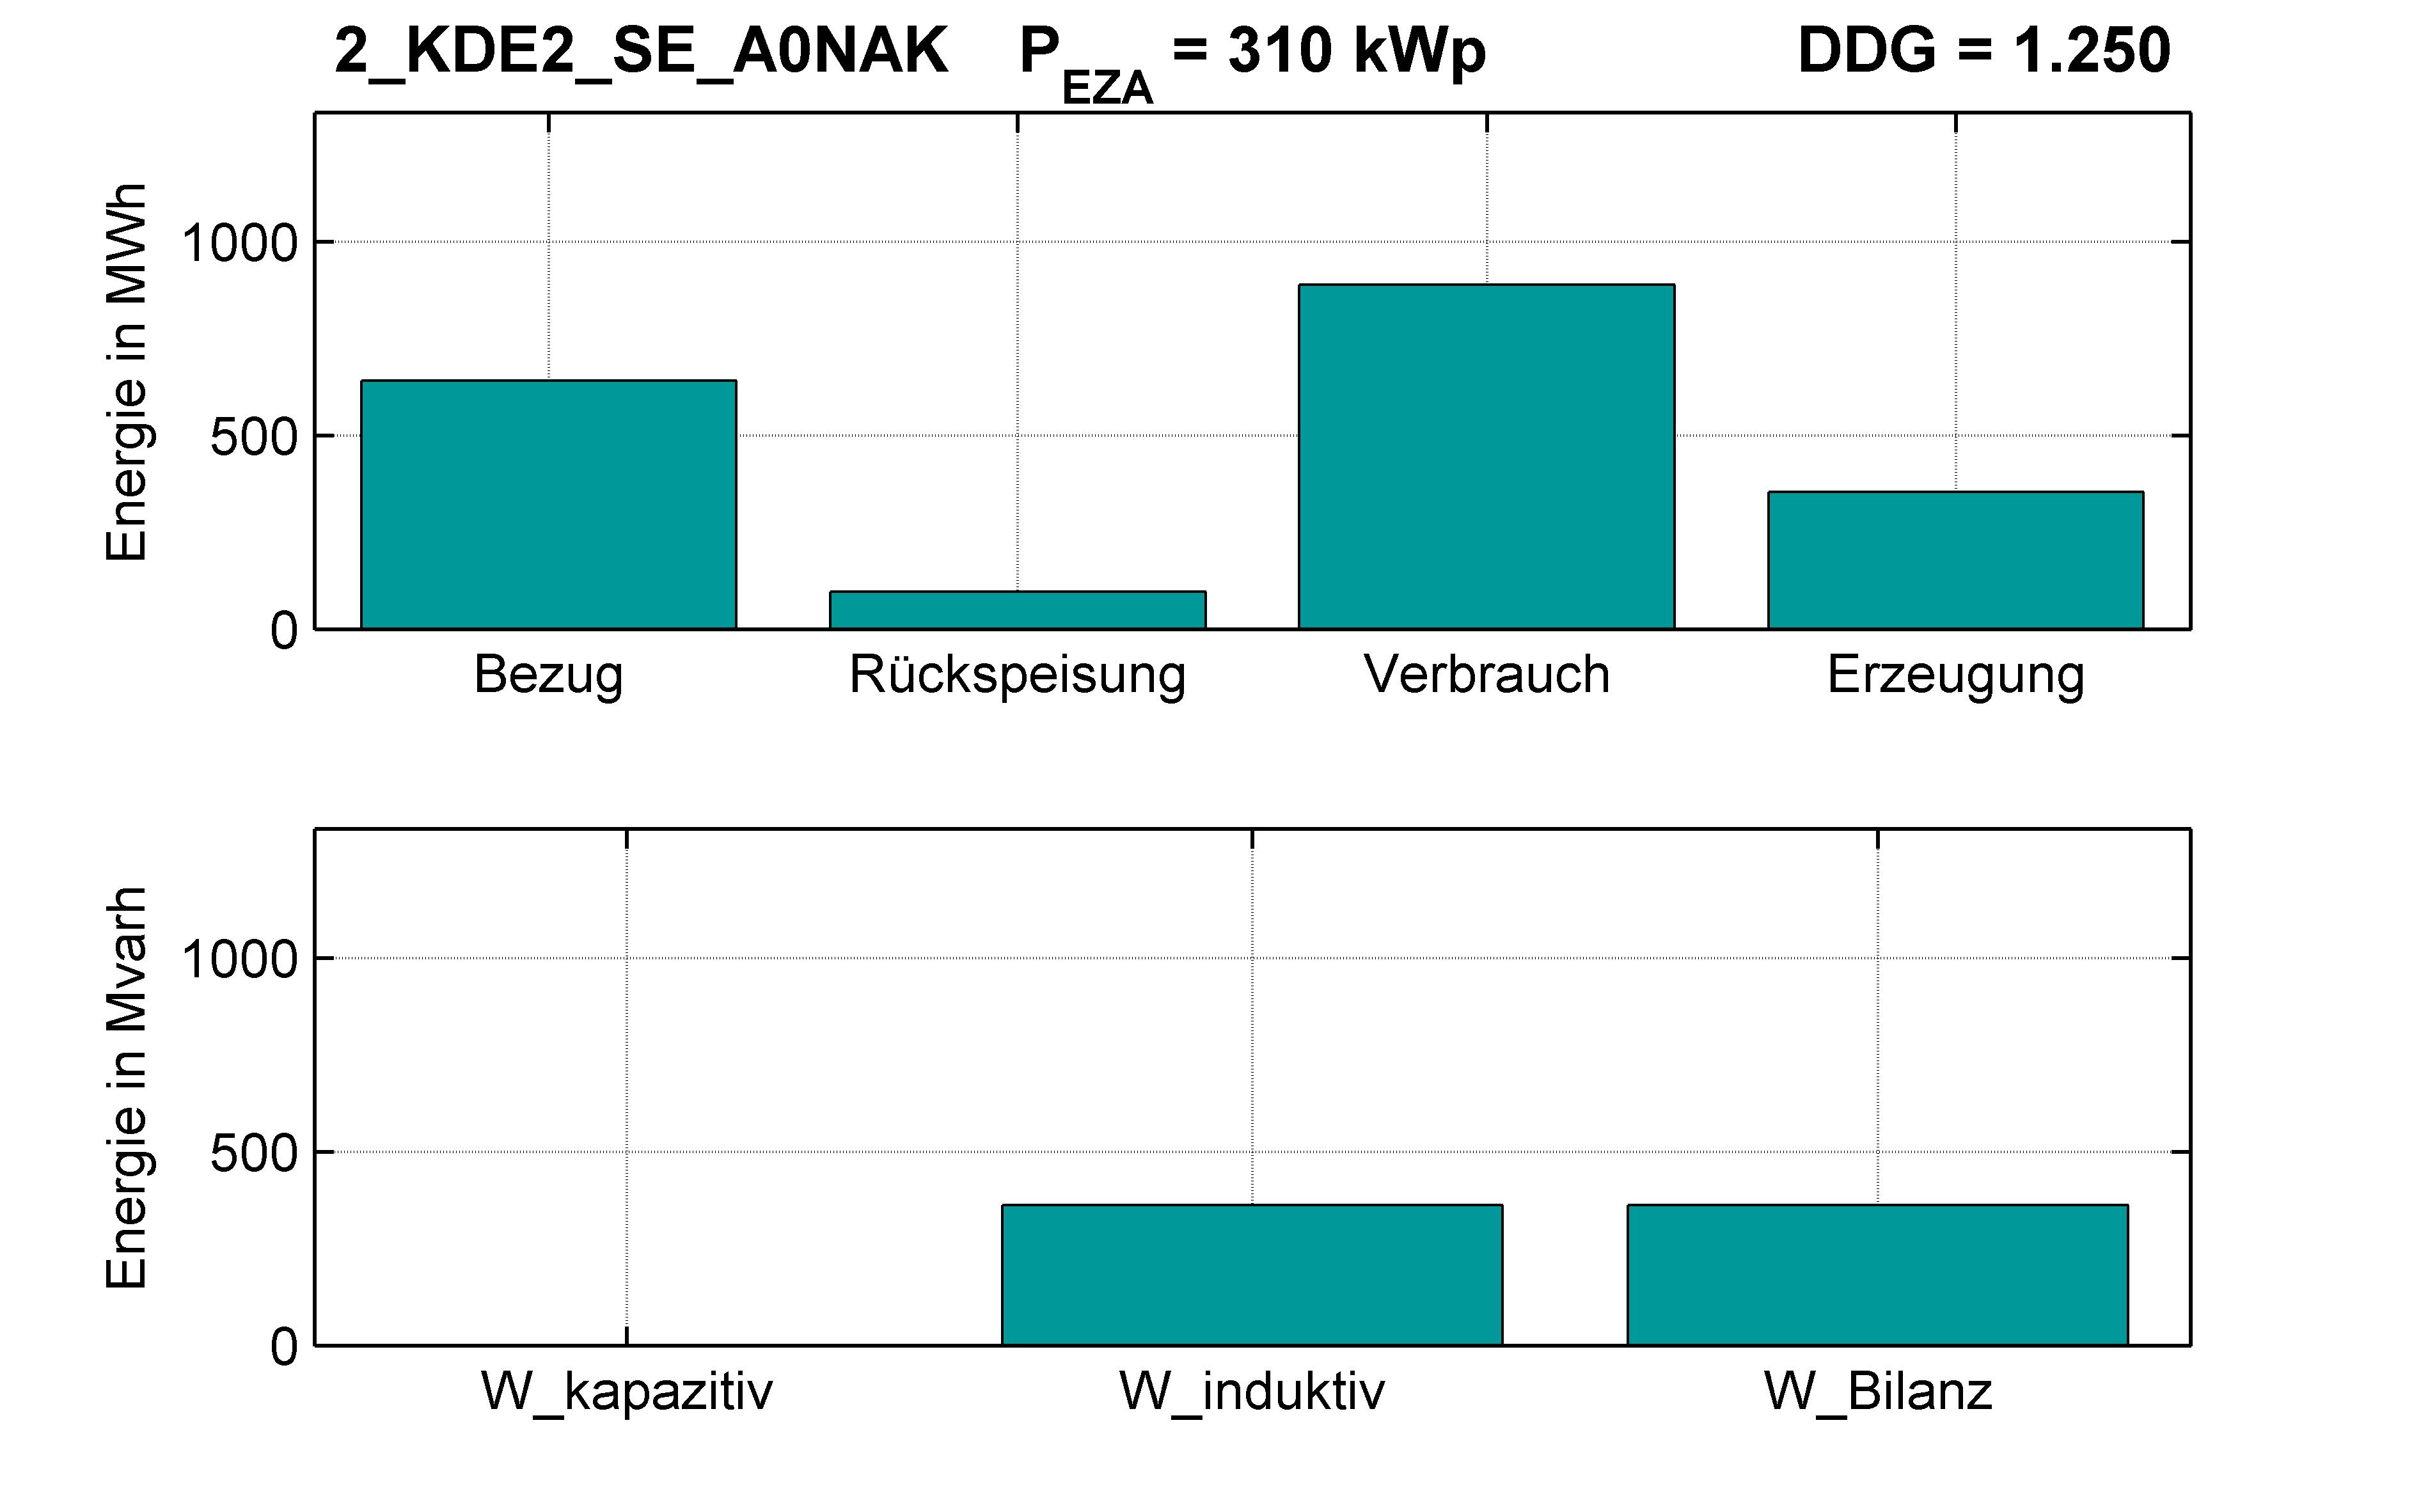 KDE2 | P-Kappung 85% (SE) A0NAK | PQ-Bilanz